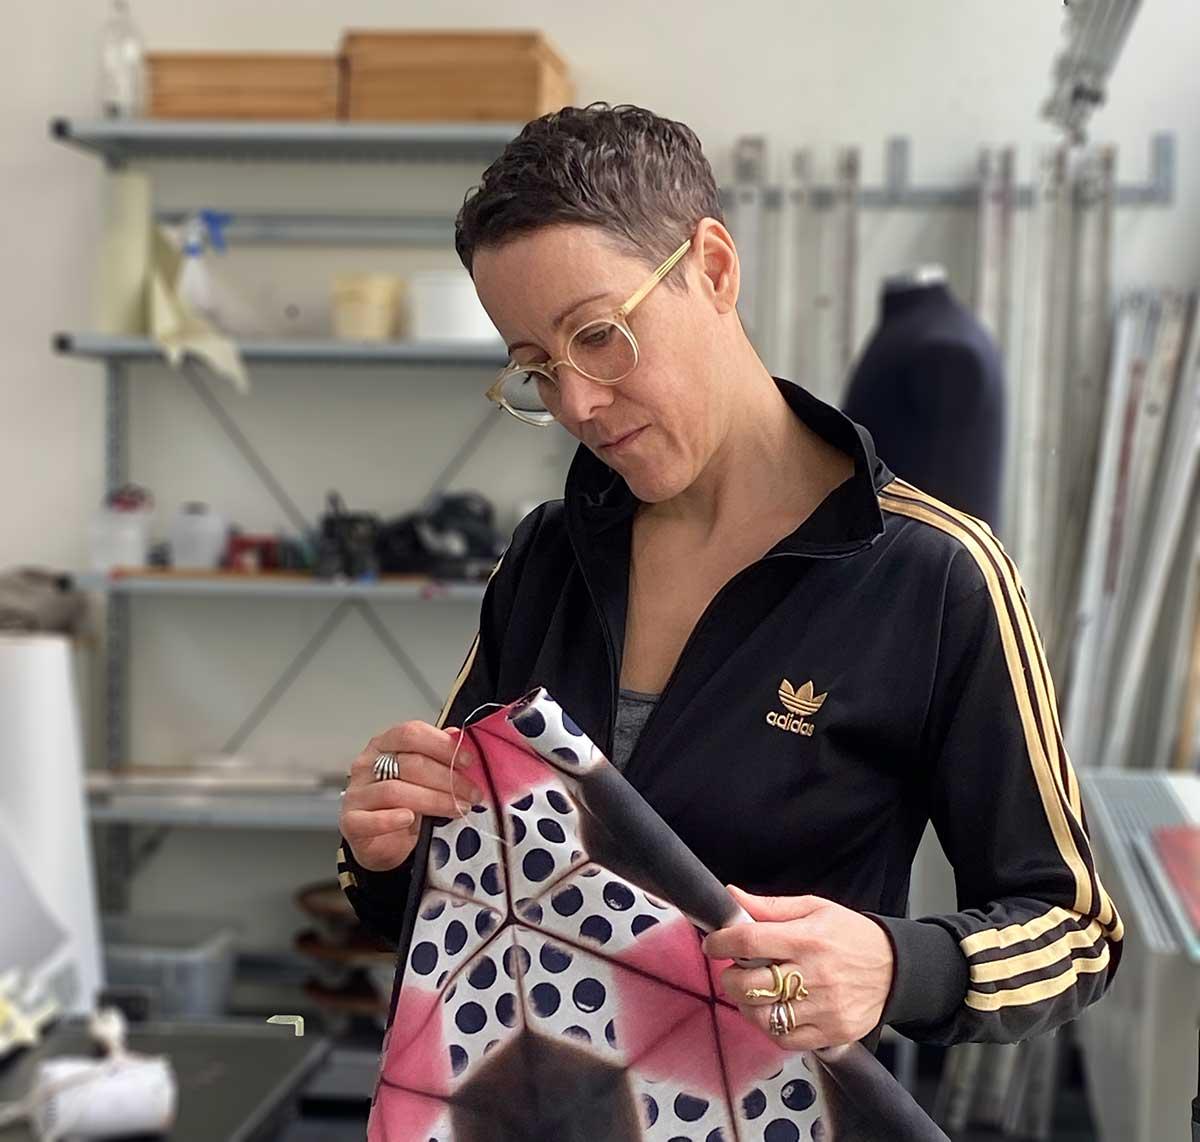 Textile artist Elsa Chartin preparing a fabric